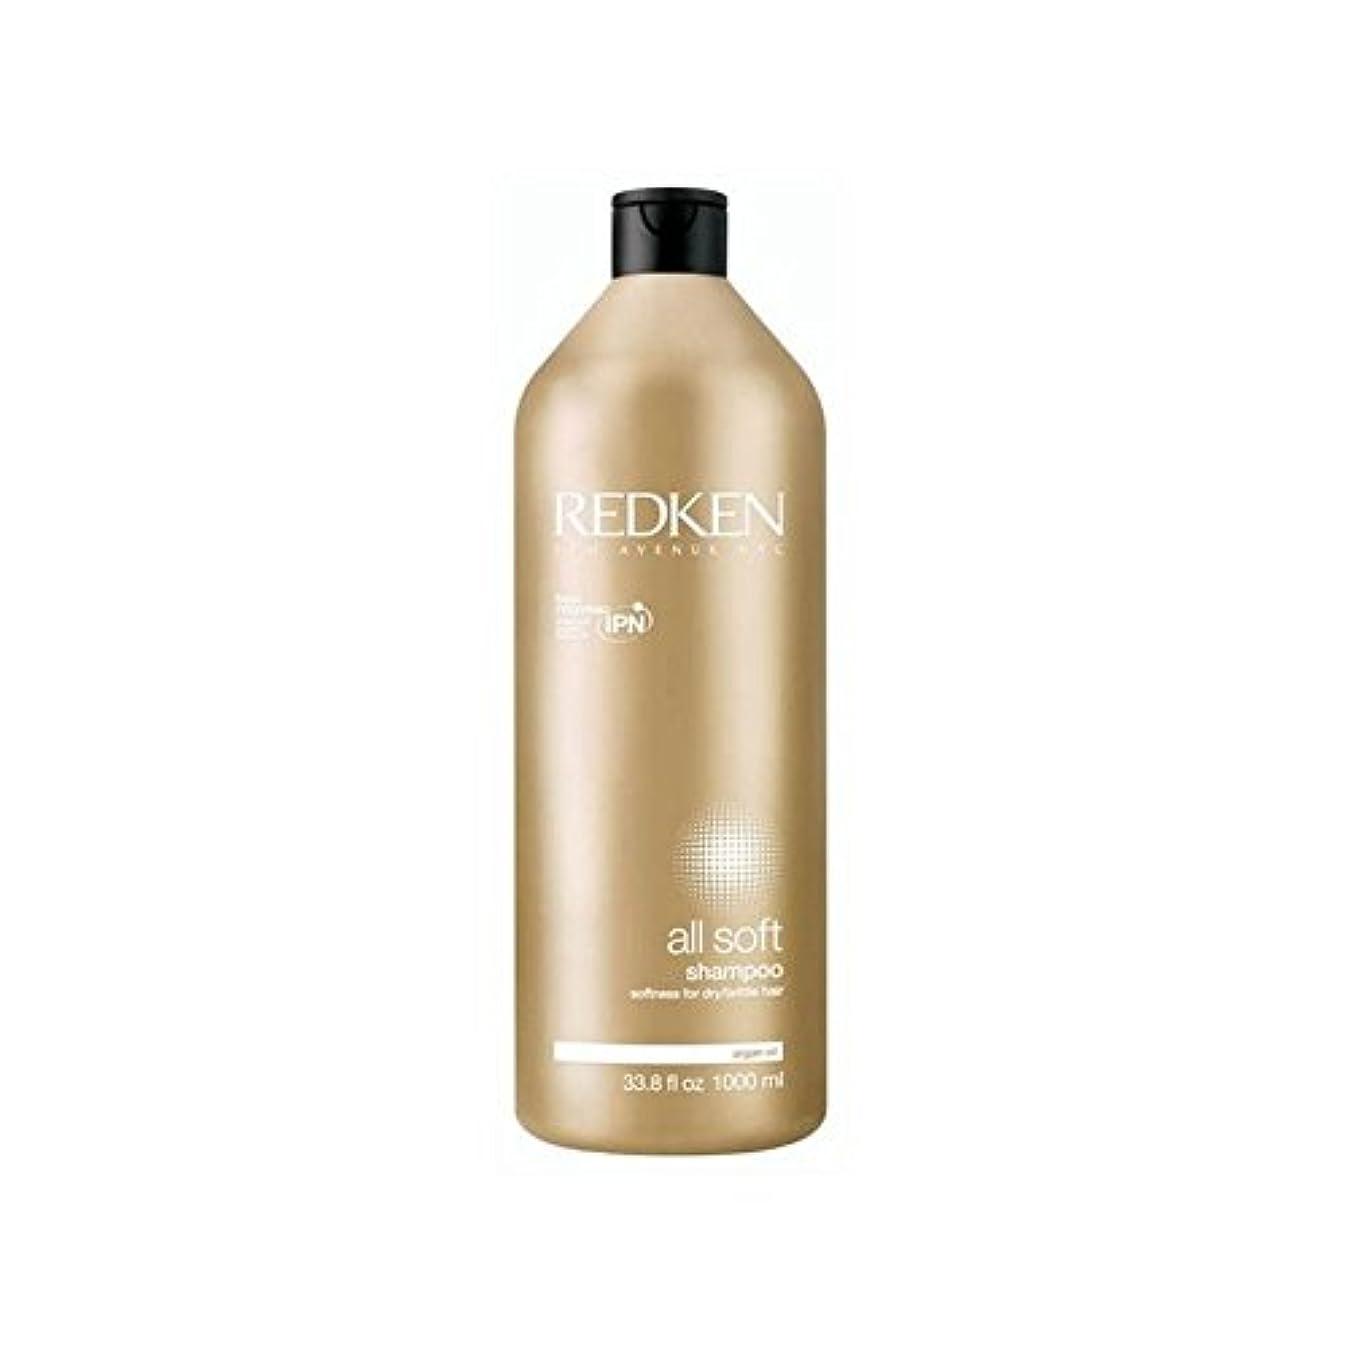 突進注入最悪すべてのソフトシャンプー千ミリリットルをレッドケン x2 - Redken All Soft Shampoo 1000ml (Pack of 2) [並行輸入品]